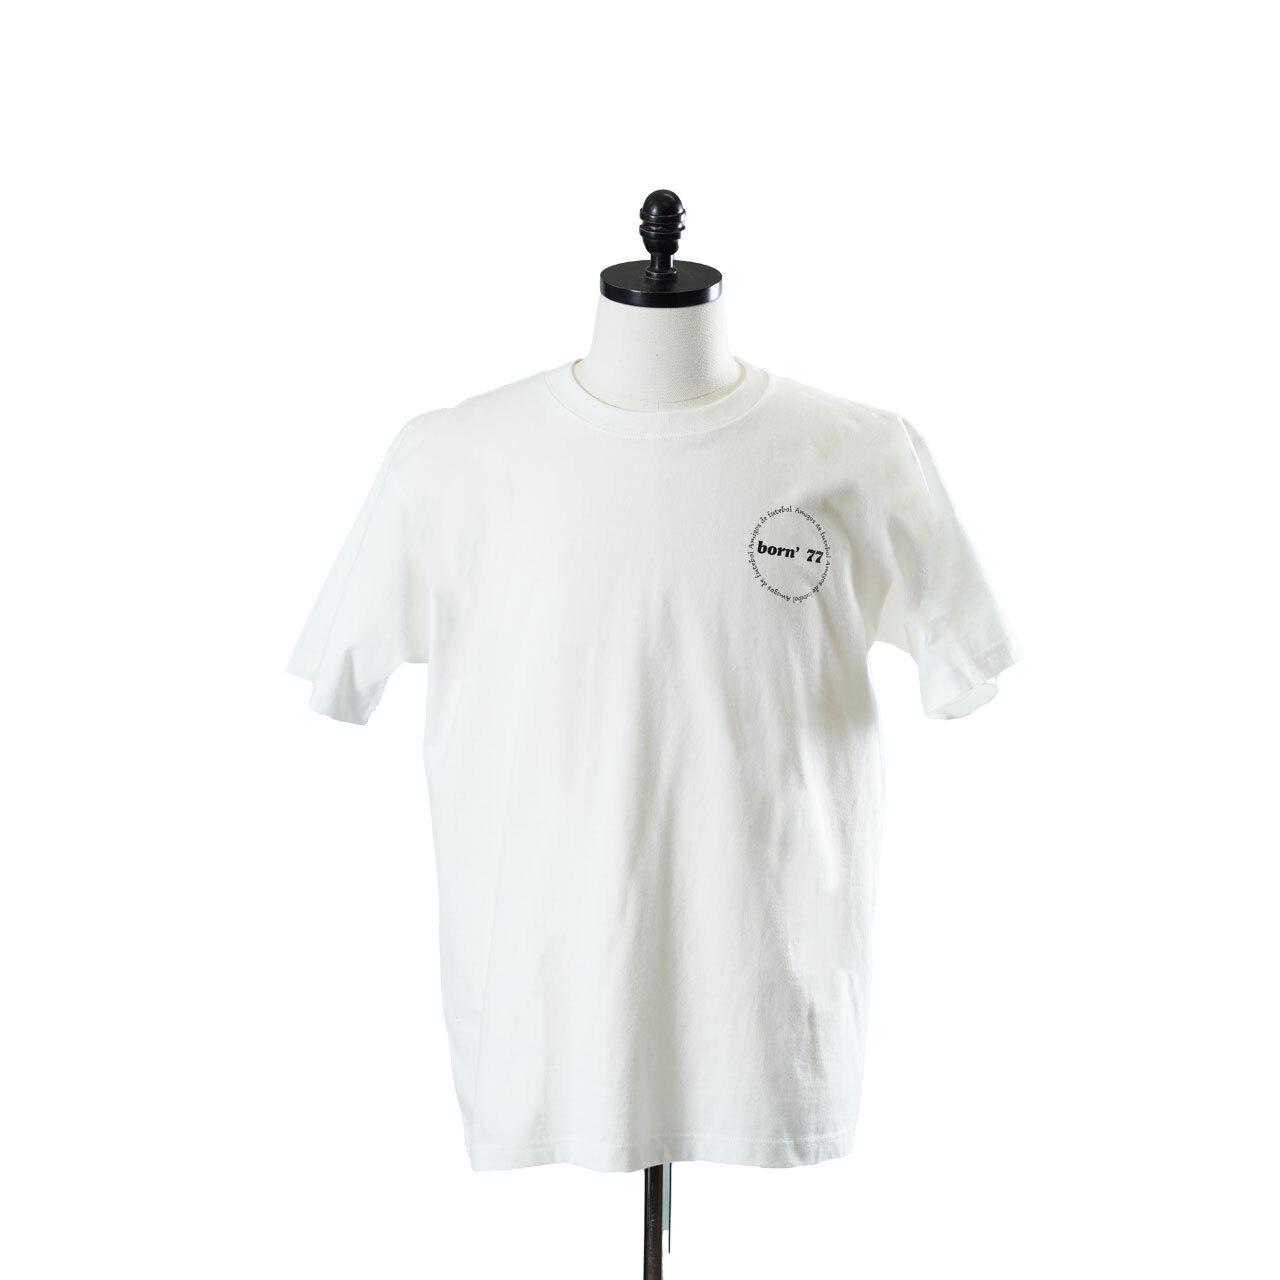 ナンバーTシャツ【12】(BOR0001)